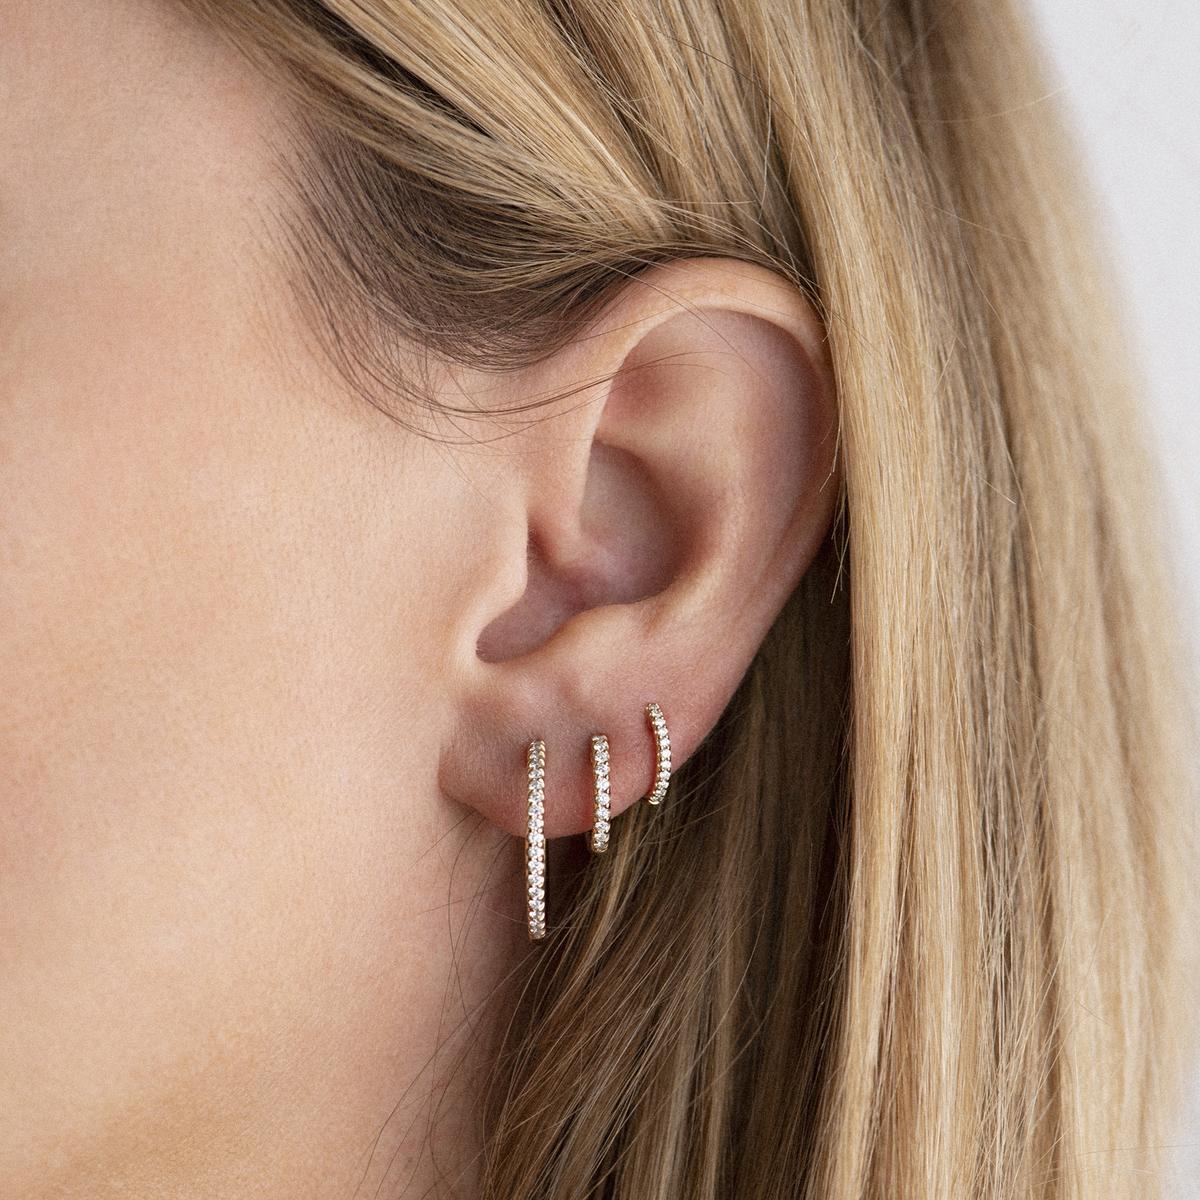 ischia basics earrings in white gold